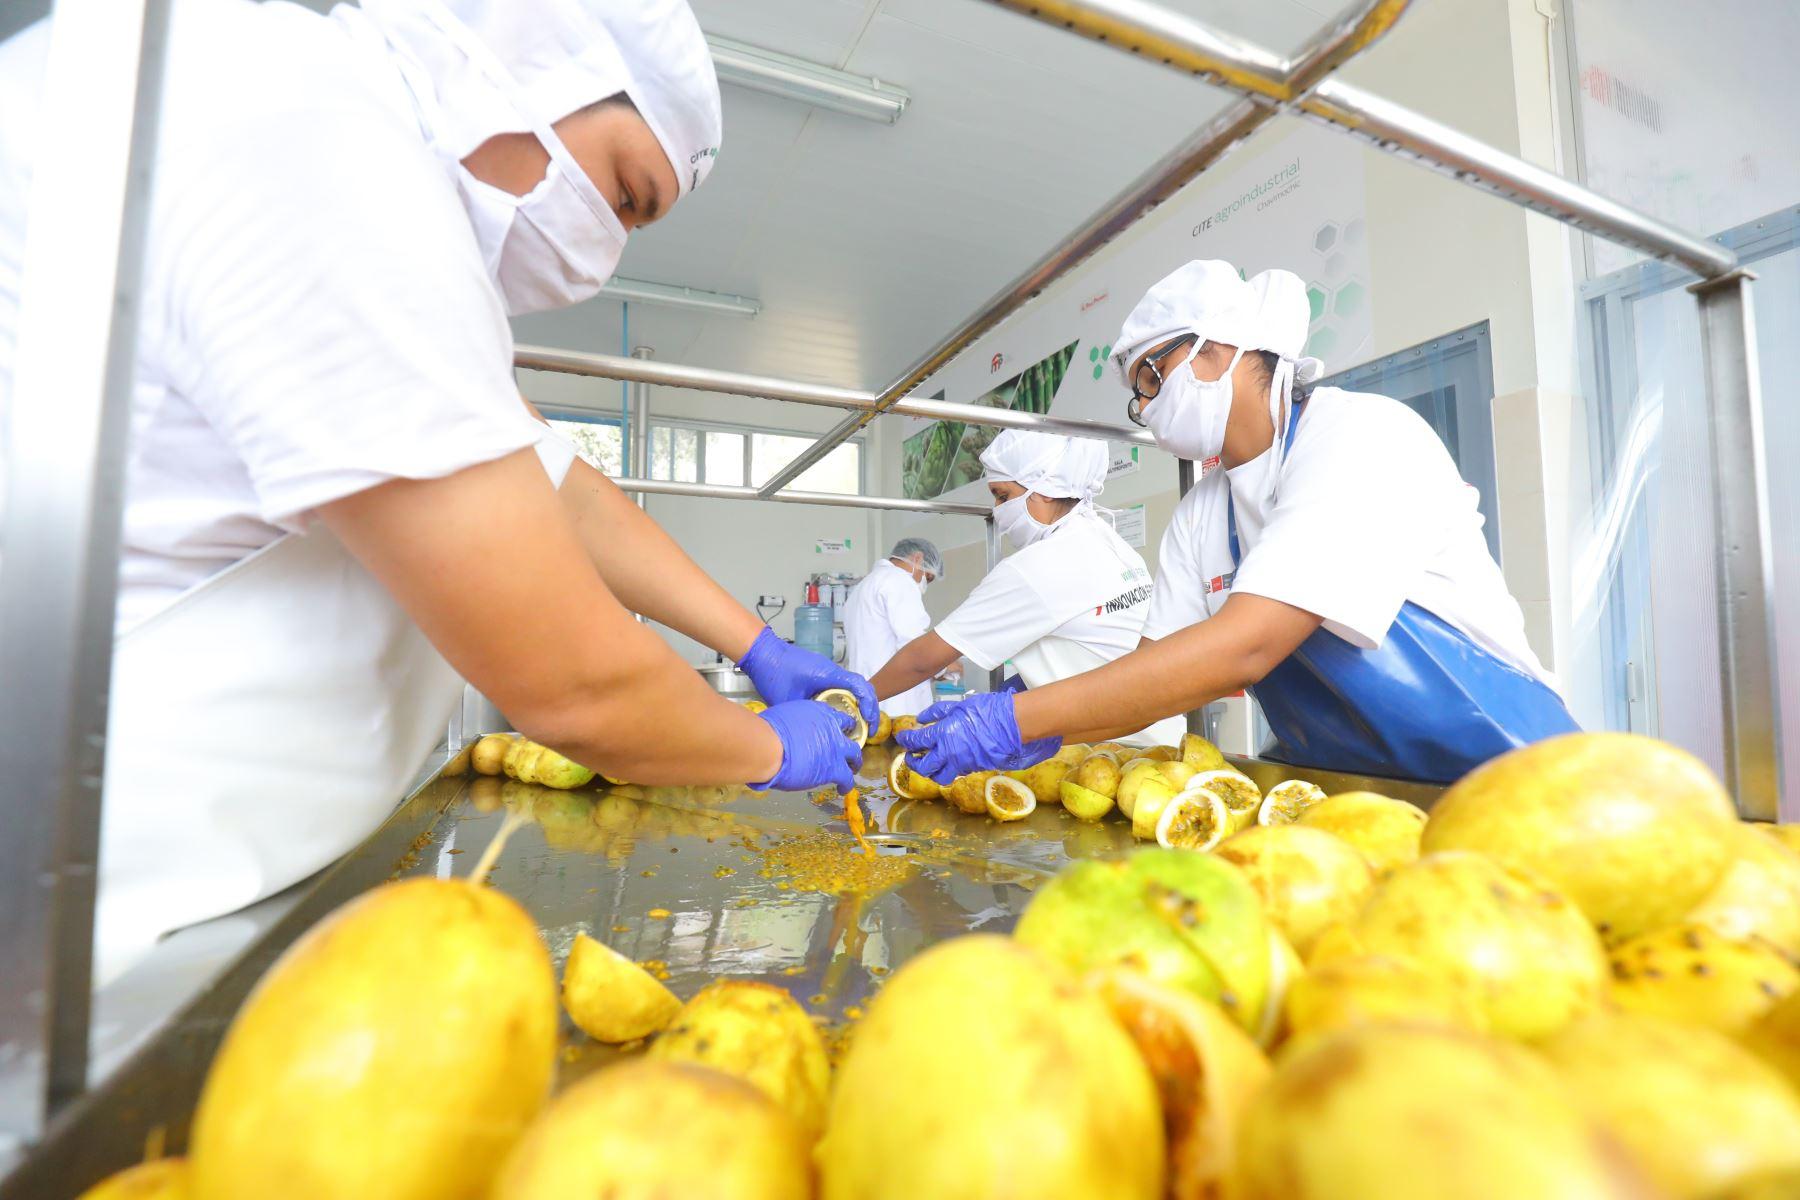 La actividad agroexportadora es la mayor generadora de empleo formal en La Libertad, afirmó la ministra de Trabajo, Sylvia Cáceres. ANDINA/Archivo